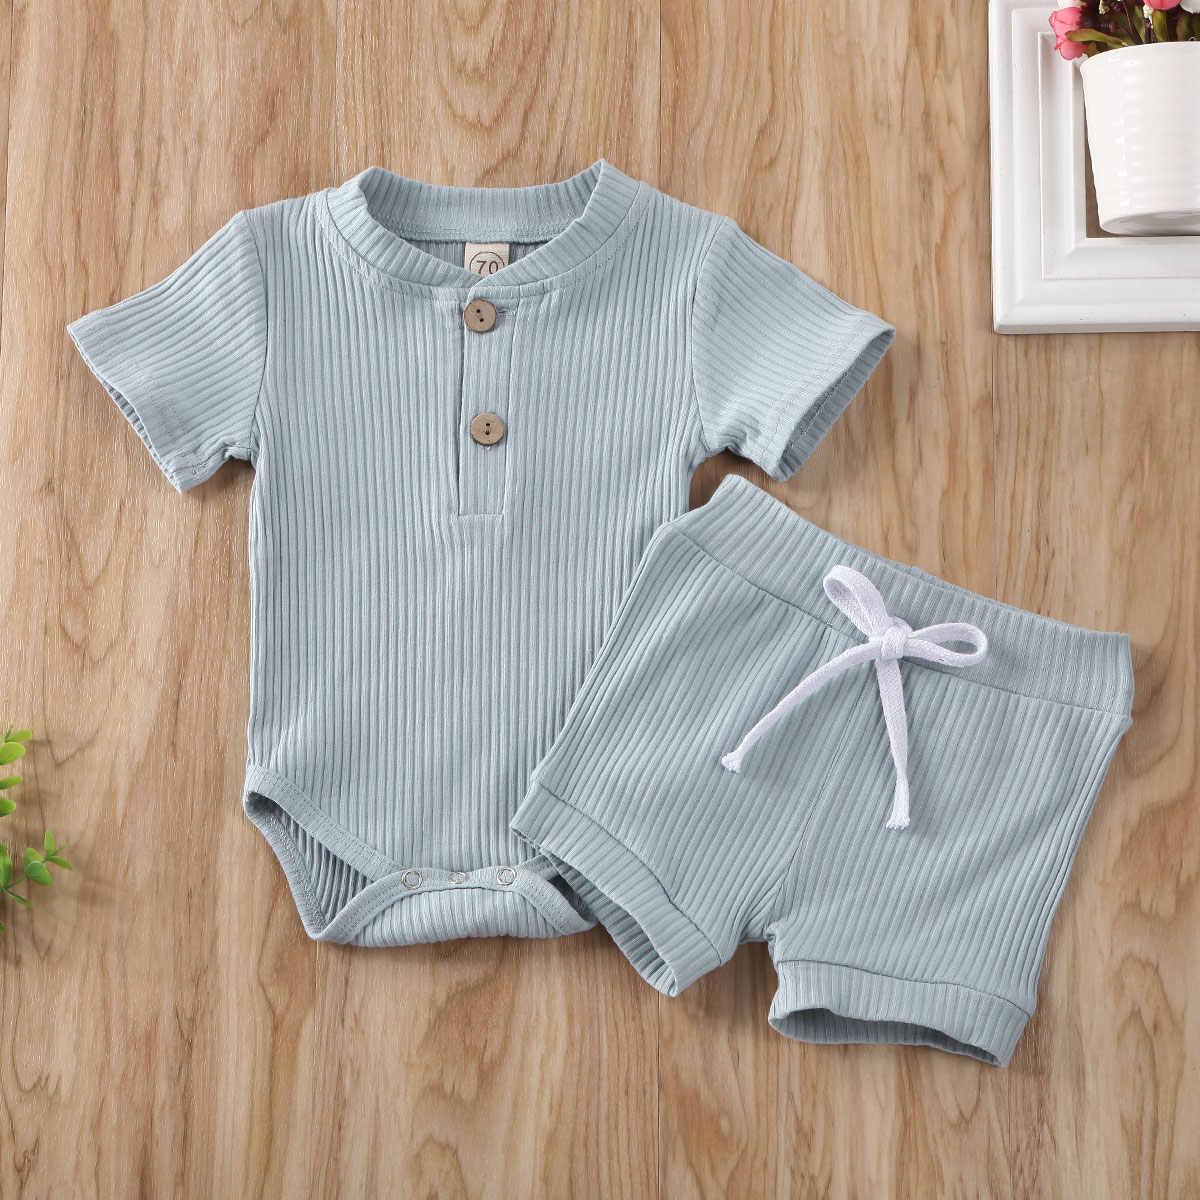 0-24Months kurzarm Bodys + Shorts 2 stücke Set für Neue geboren infant baby mädchen Jungen unisex kleidung einfarbig casual outfits